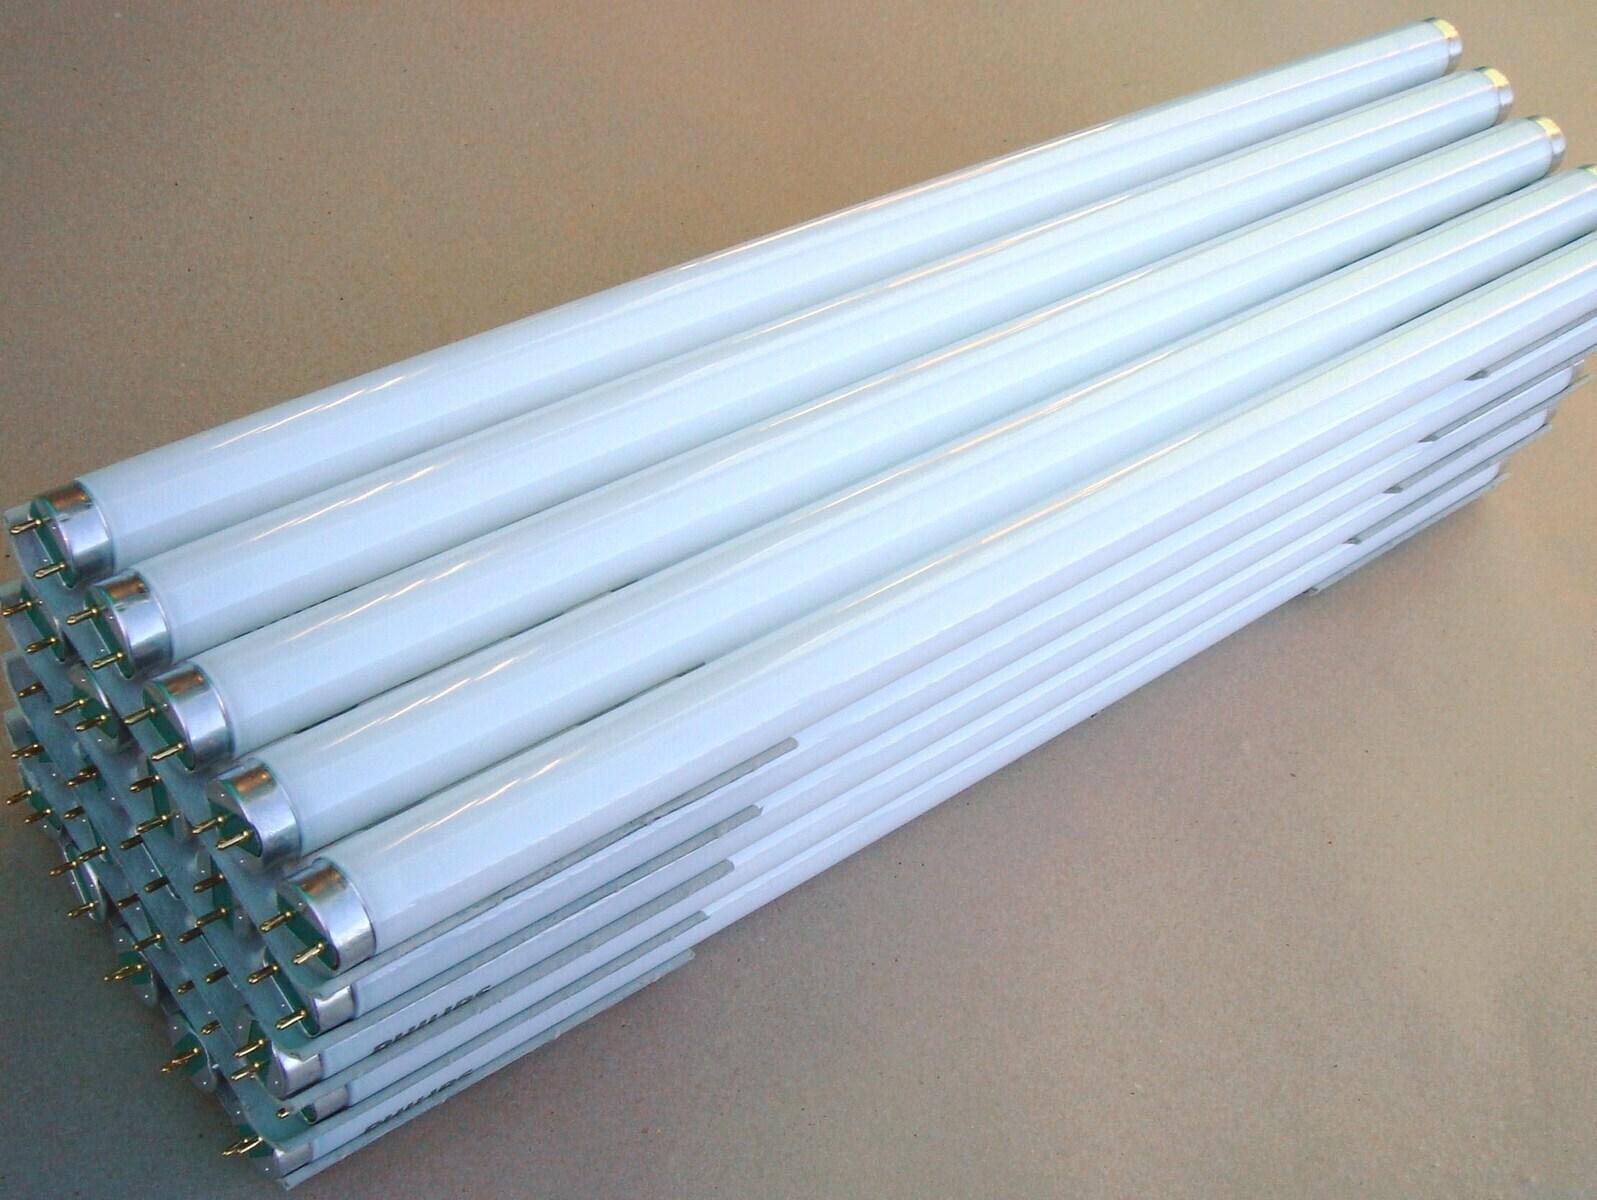 Luminofoortoru 15 W, Philips TL-D 15W/840, T8, 702807